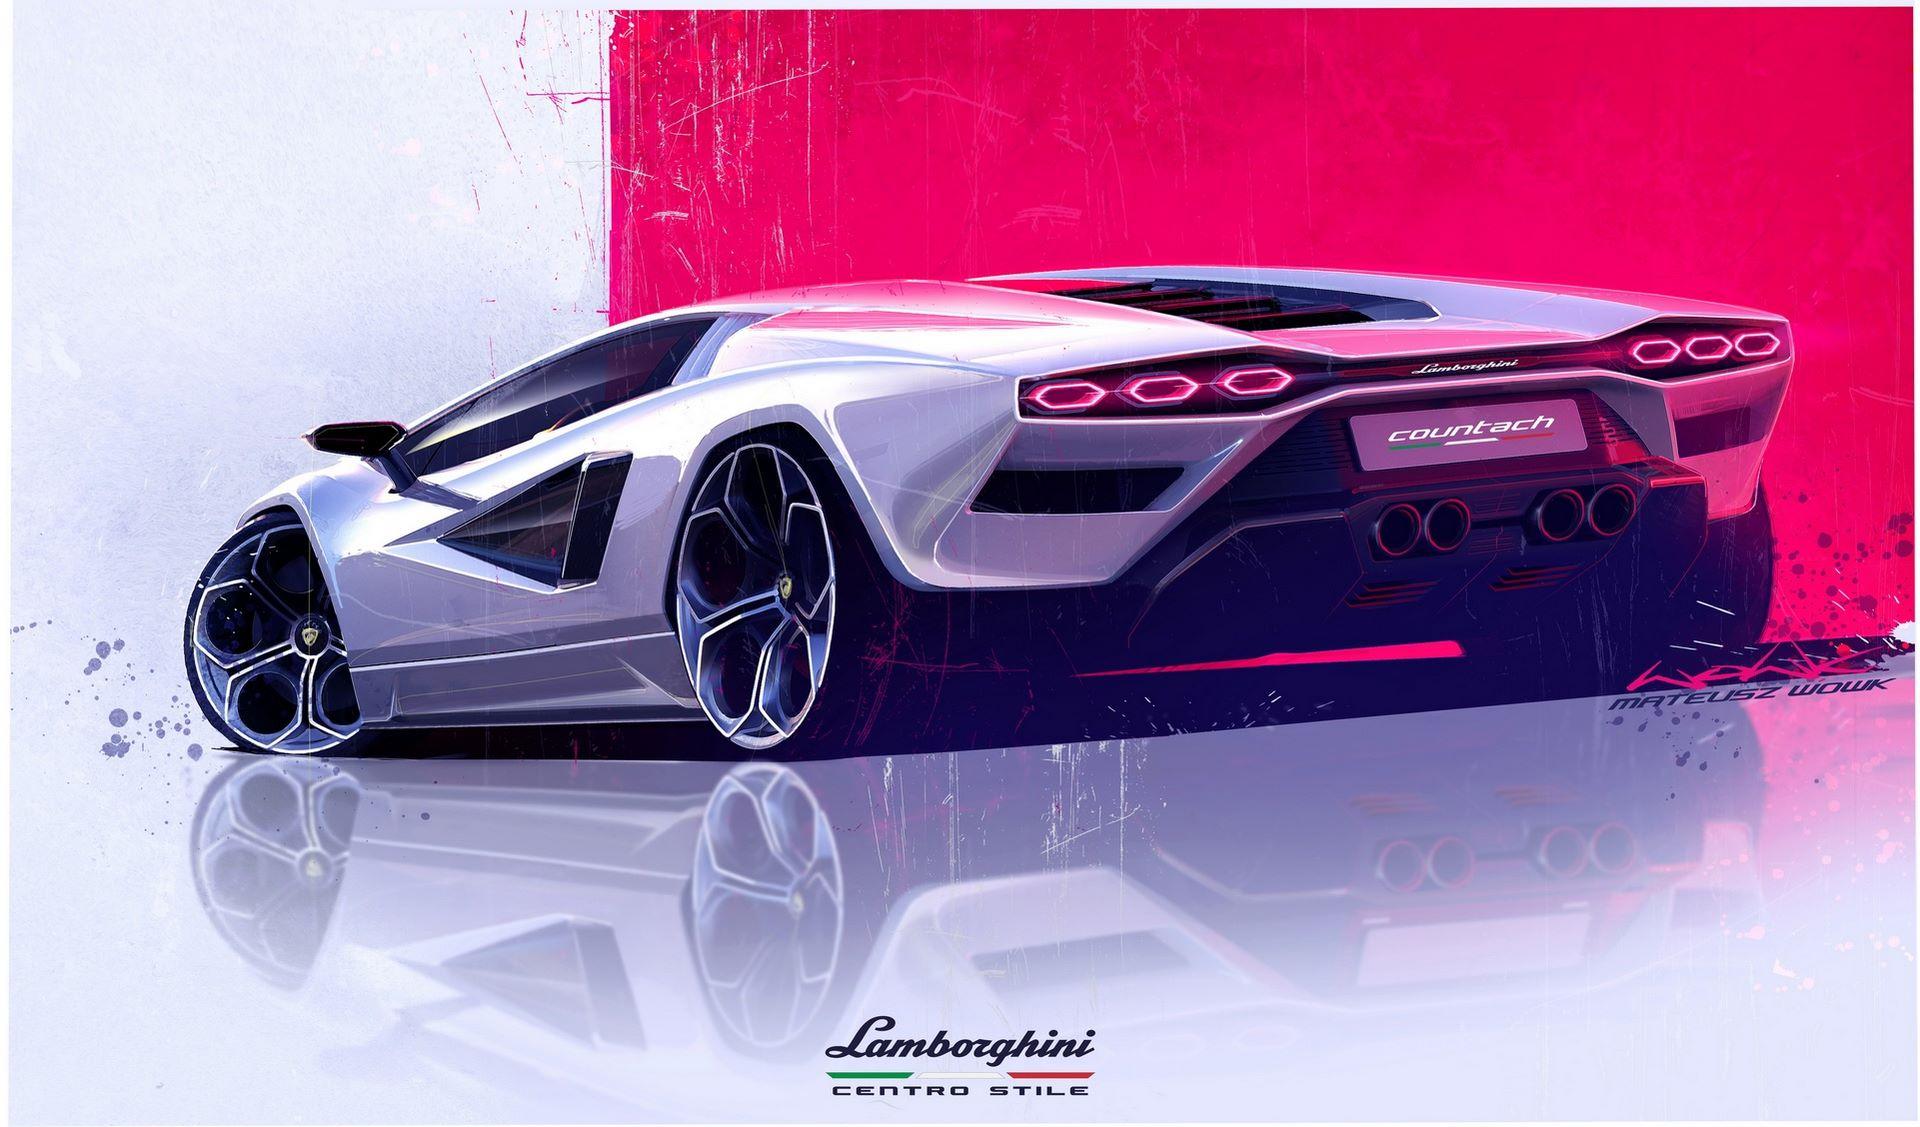 Lamborghini-Countach-LPI-800-4-109